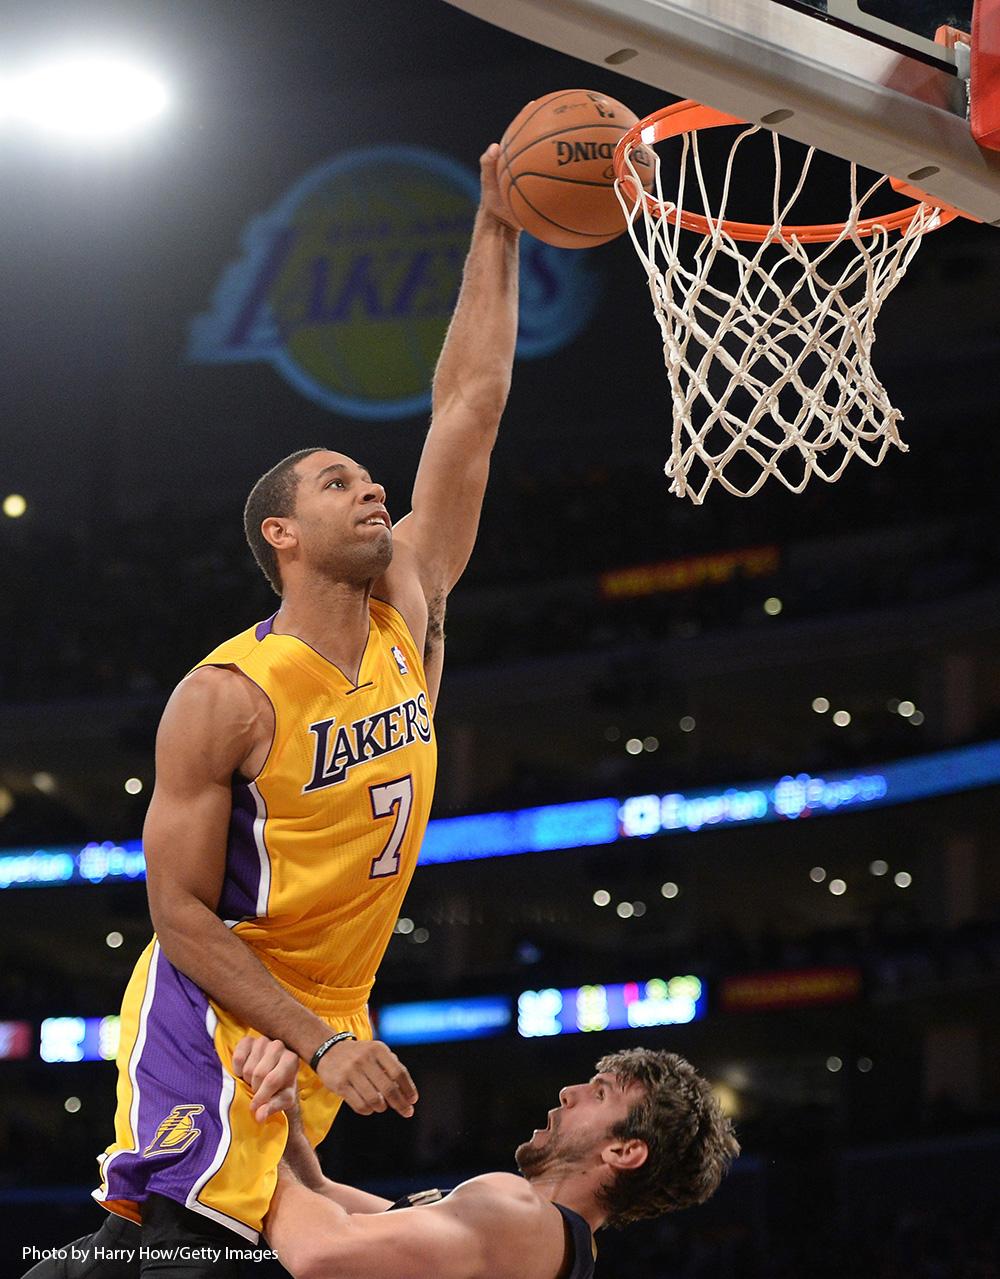 Xavier Henry en viva basquet